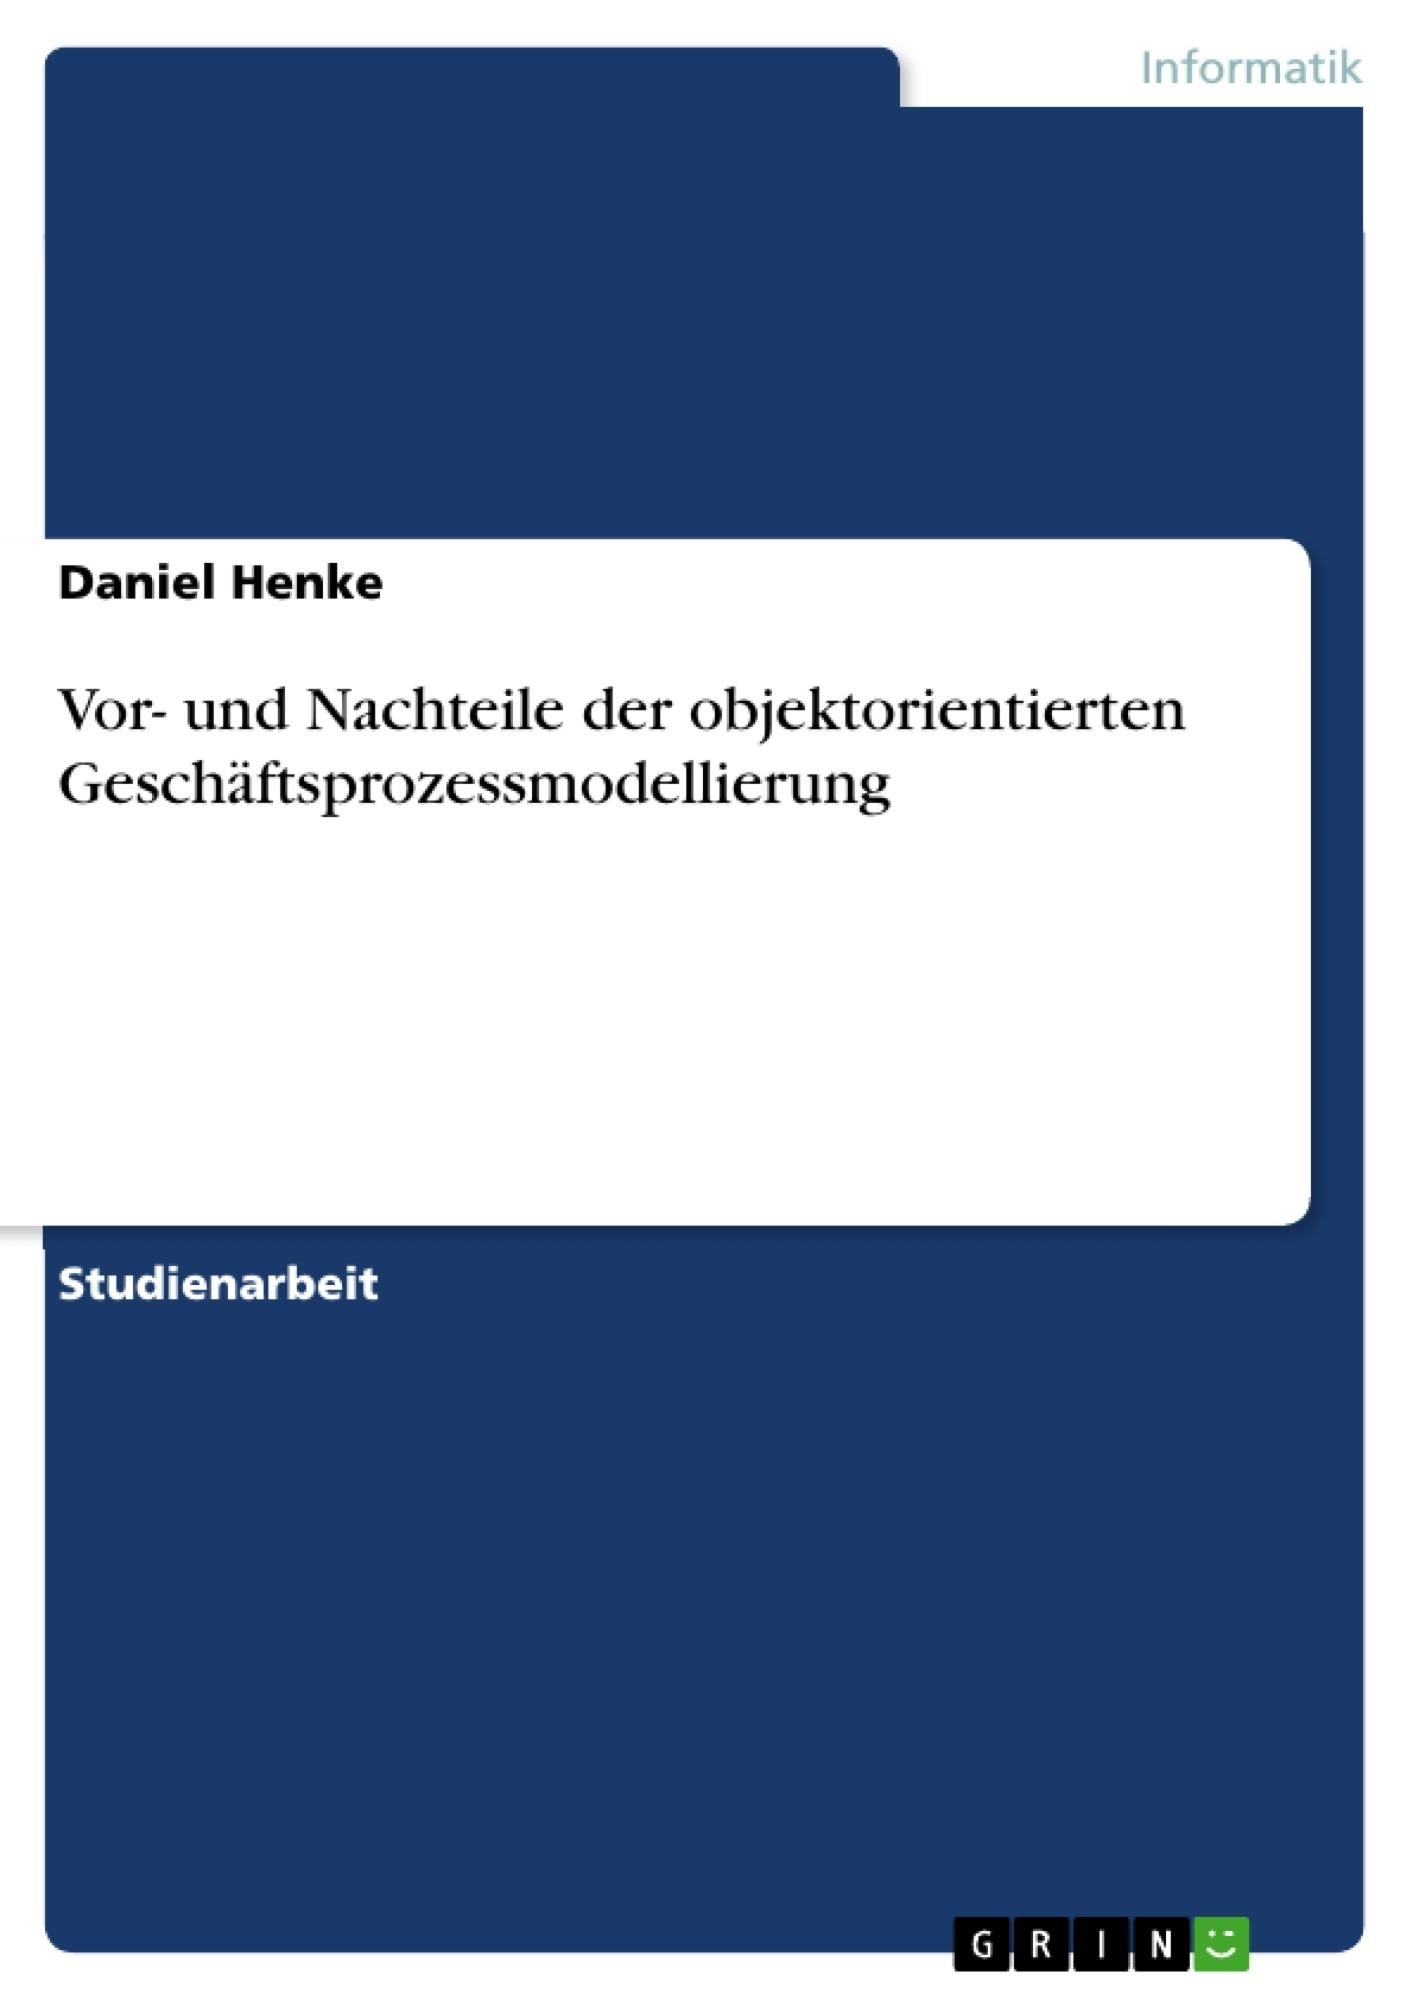 Titel: Vor- und Nachteile der objektorientierten Geschäftsprozessmodellierung